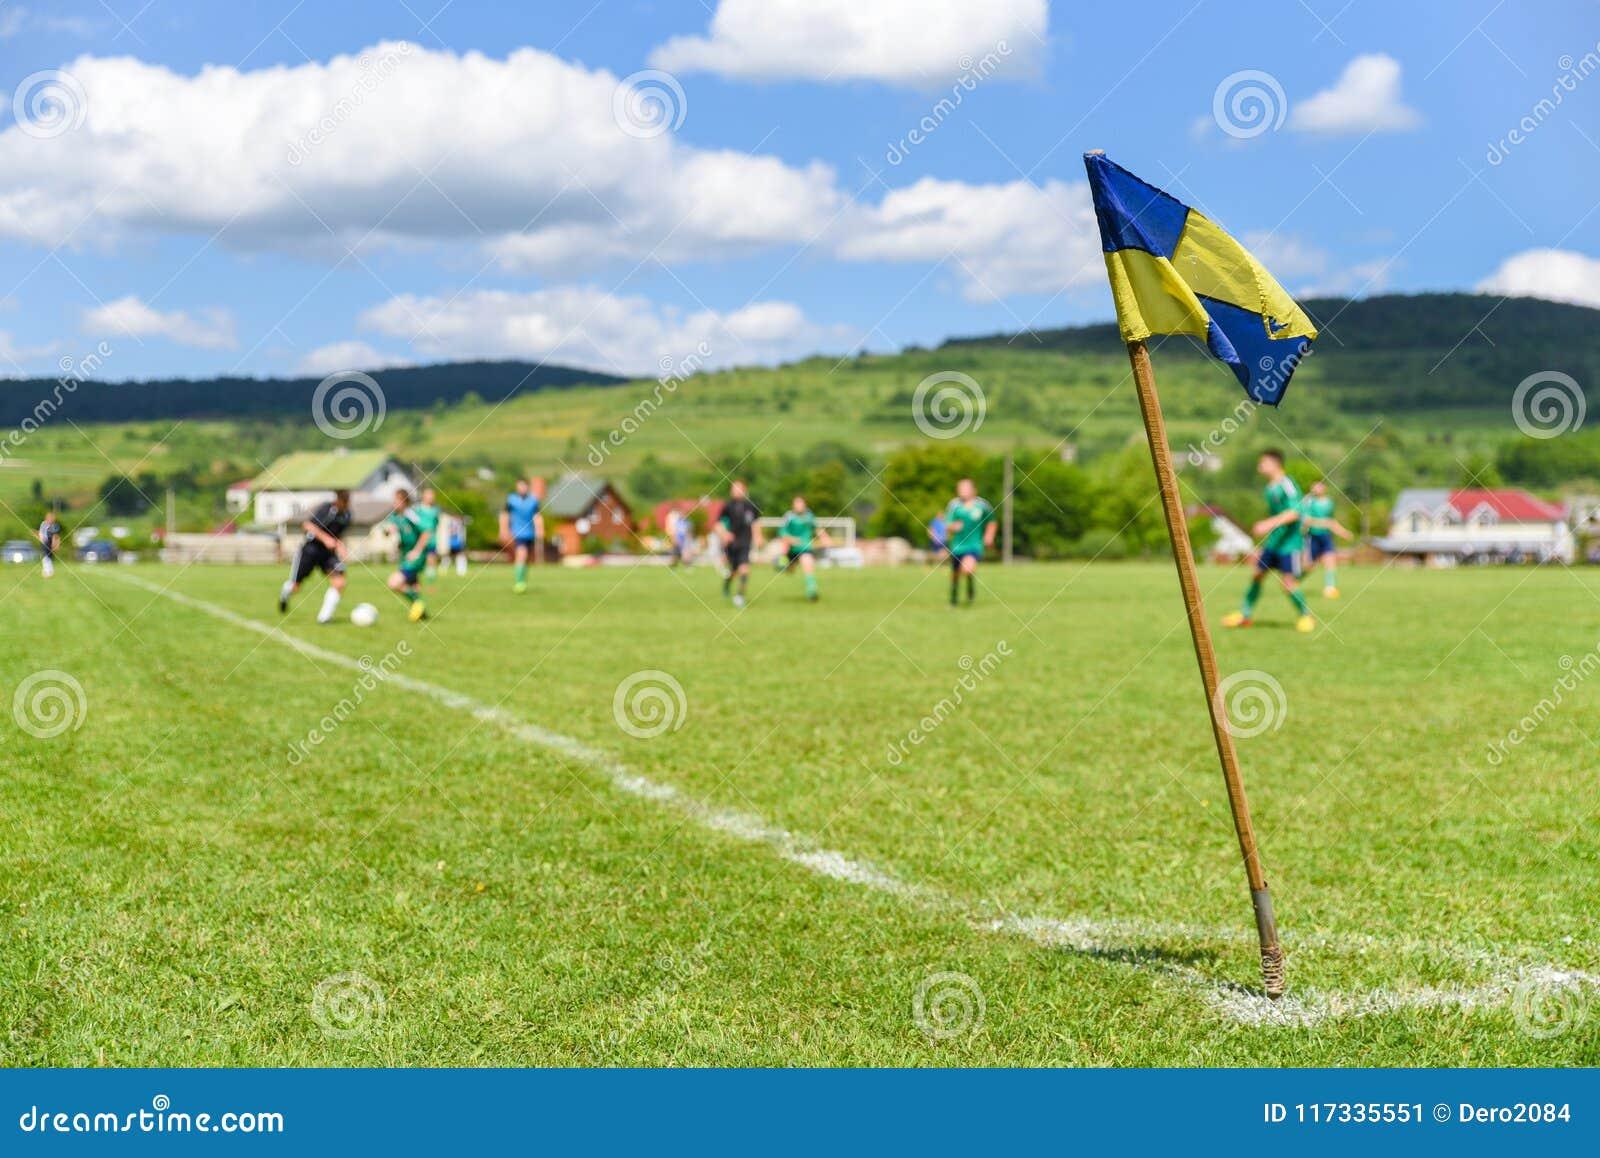 A bandeira de canto retro no primeiro plano do campo de futebol amador, no fundo obscuro é jogadores de futebol que lutam pela bo